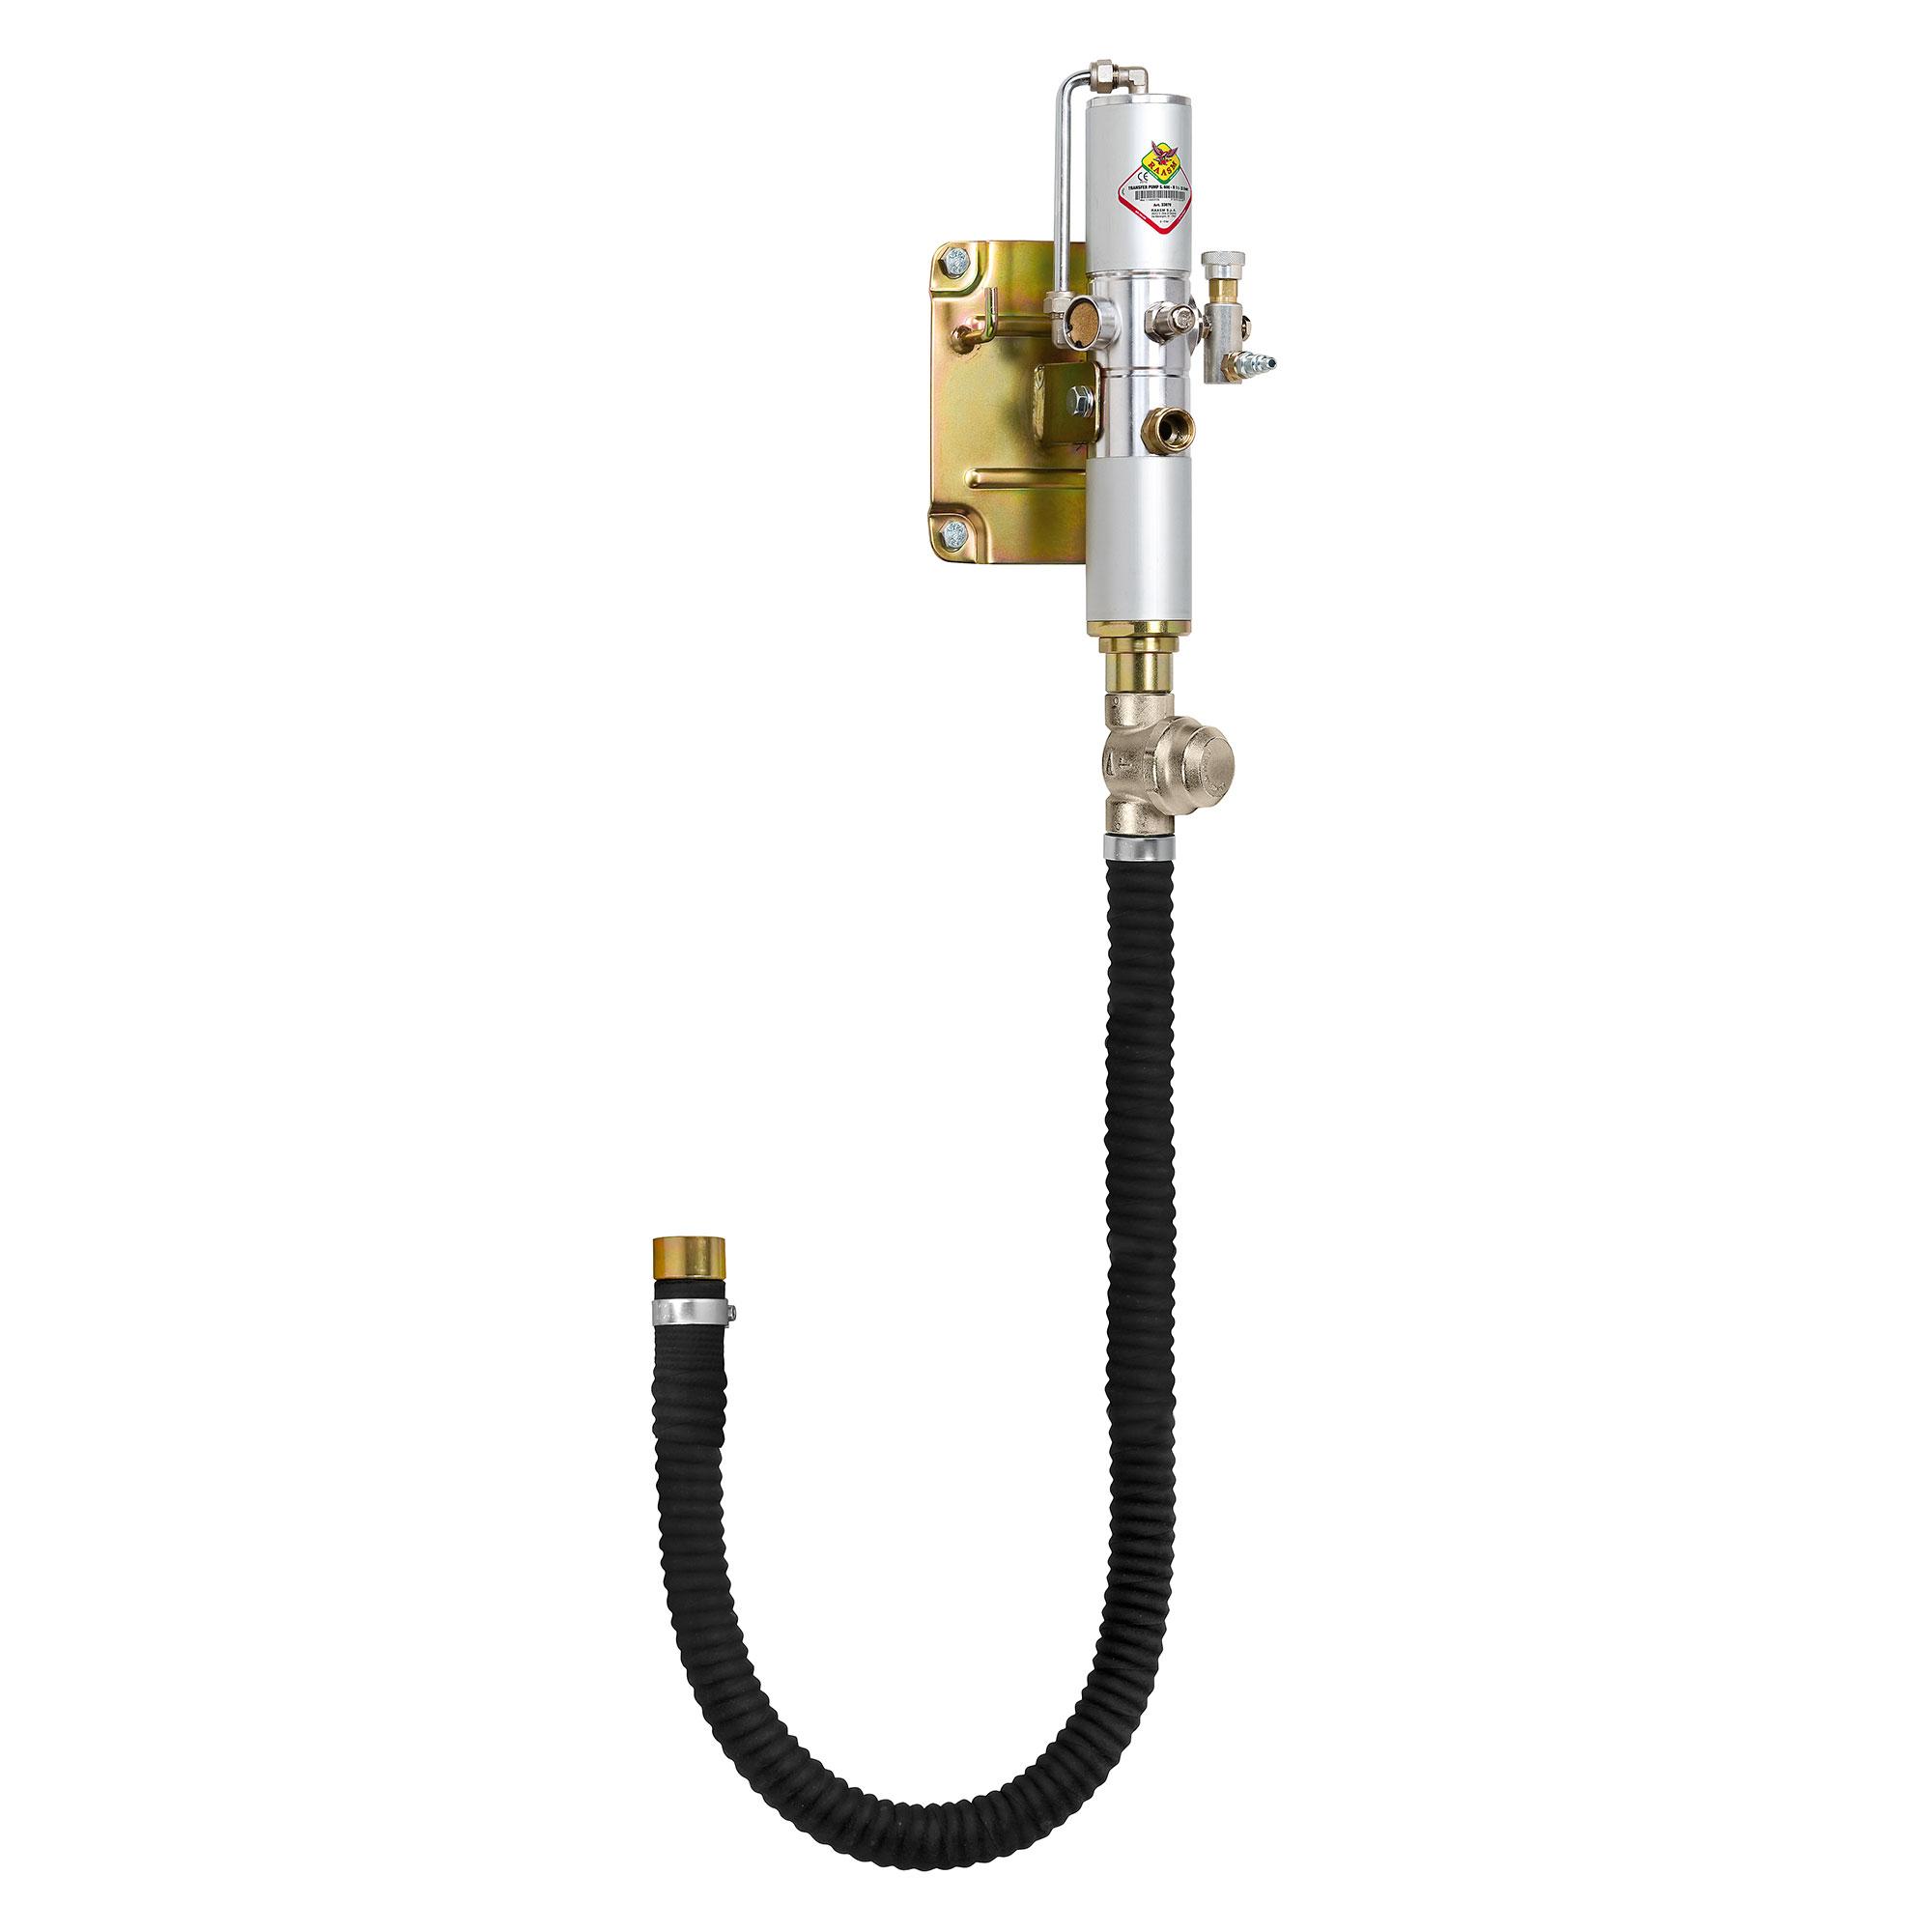 33125 - 1:1 Ratio, Oil Transfer Kit